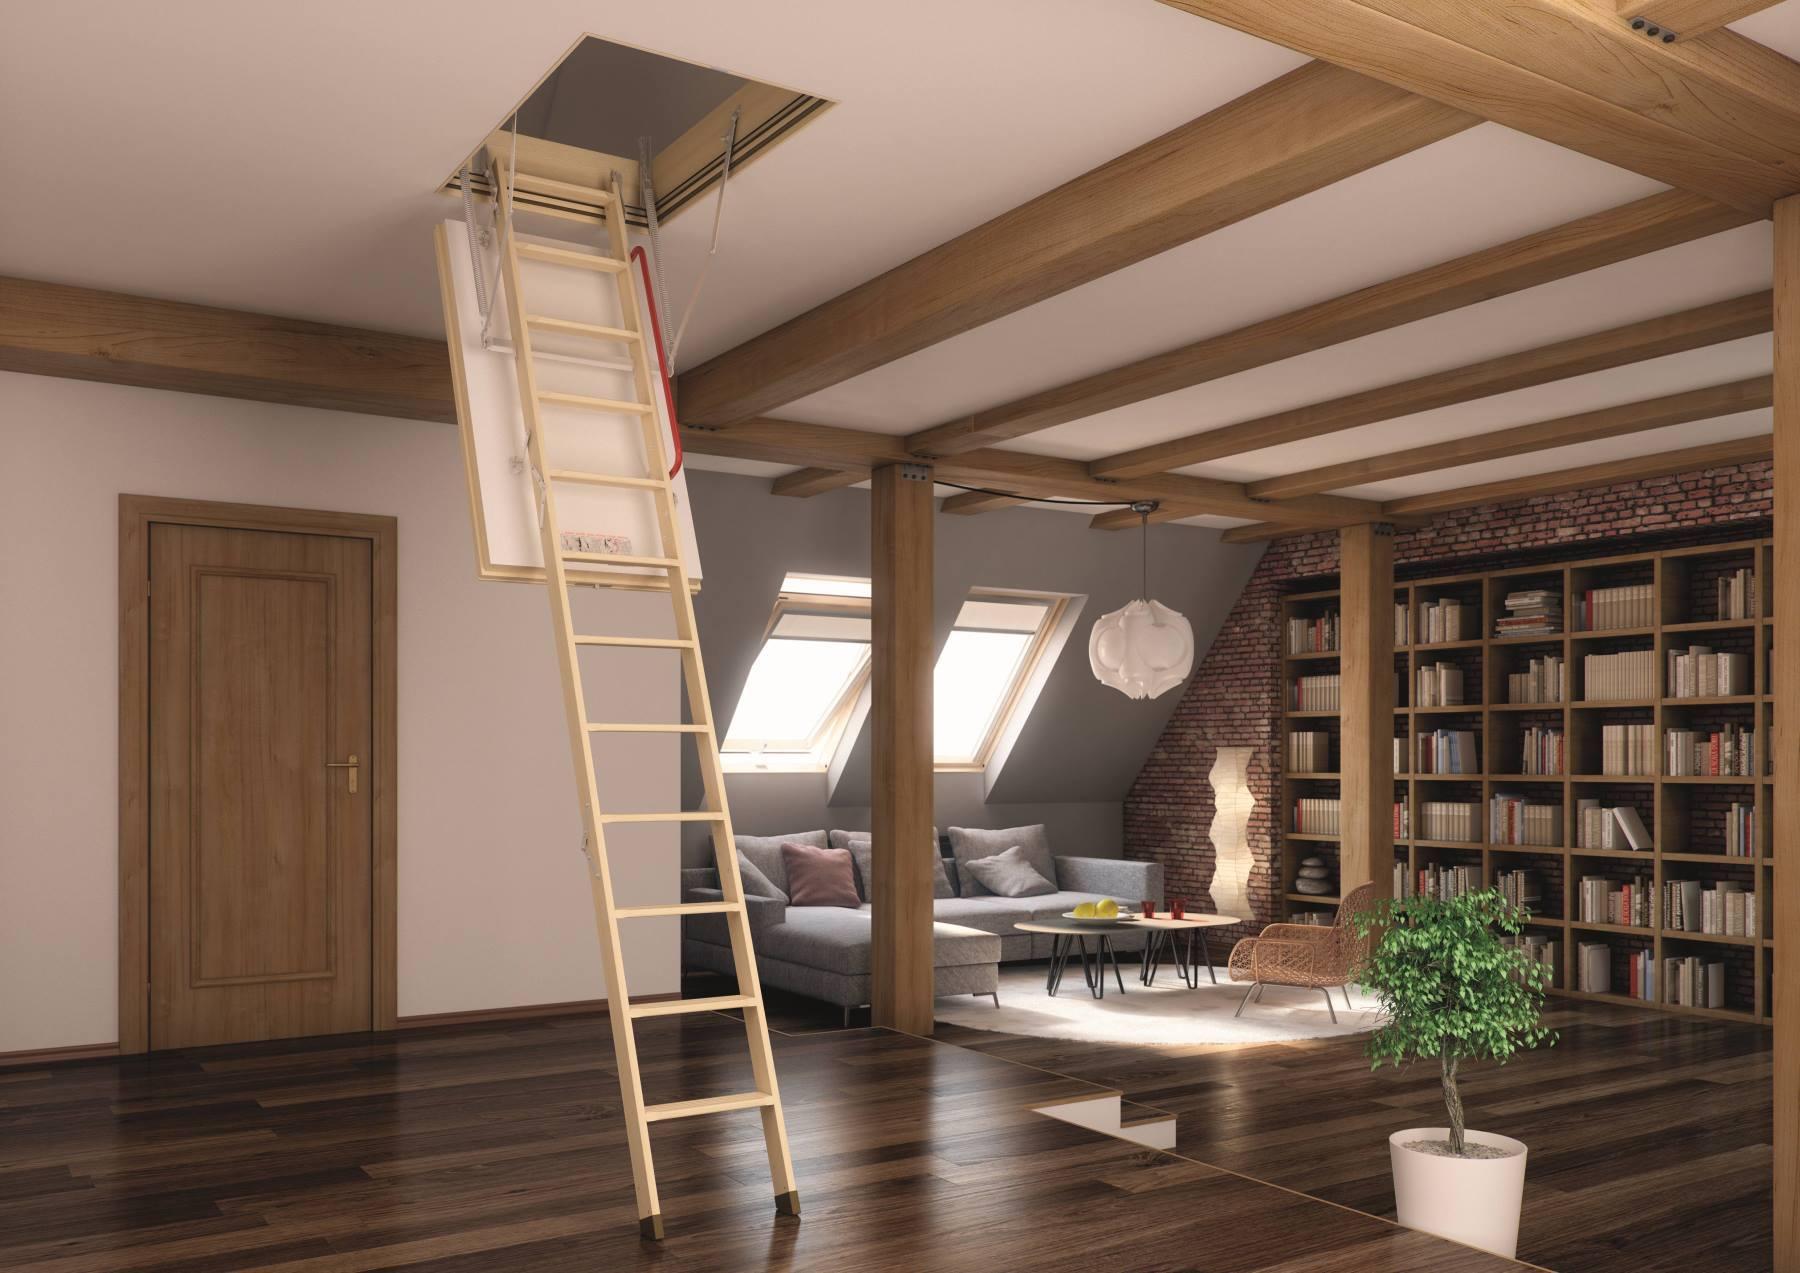 Fabuleux Scala retrattile coibentata: prezzi scale retrattili parete e soffitto SP61